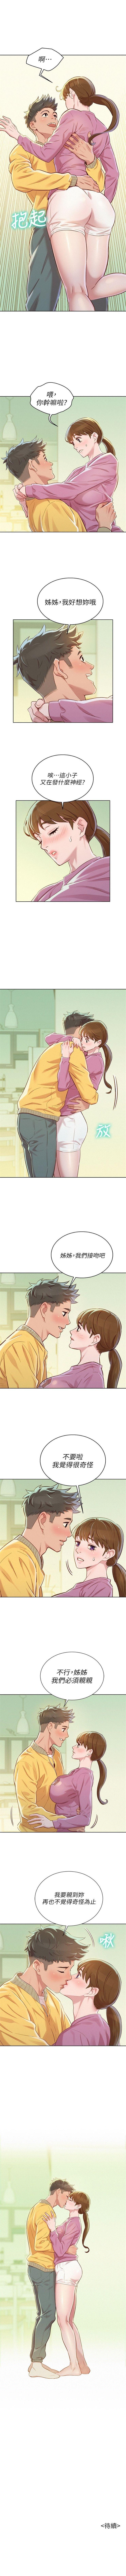 (週7)漂亮幹姐姐  1-92 中文翻譯 (更新中) 442